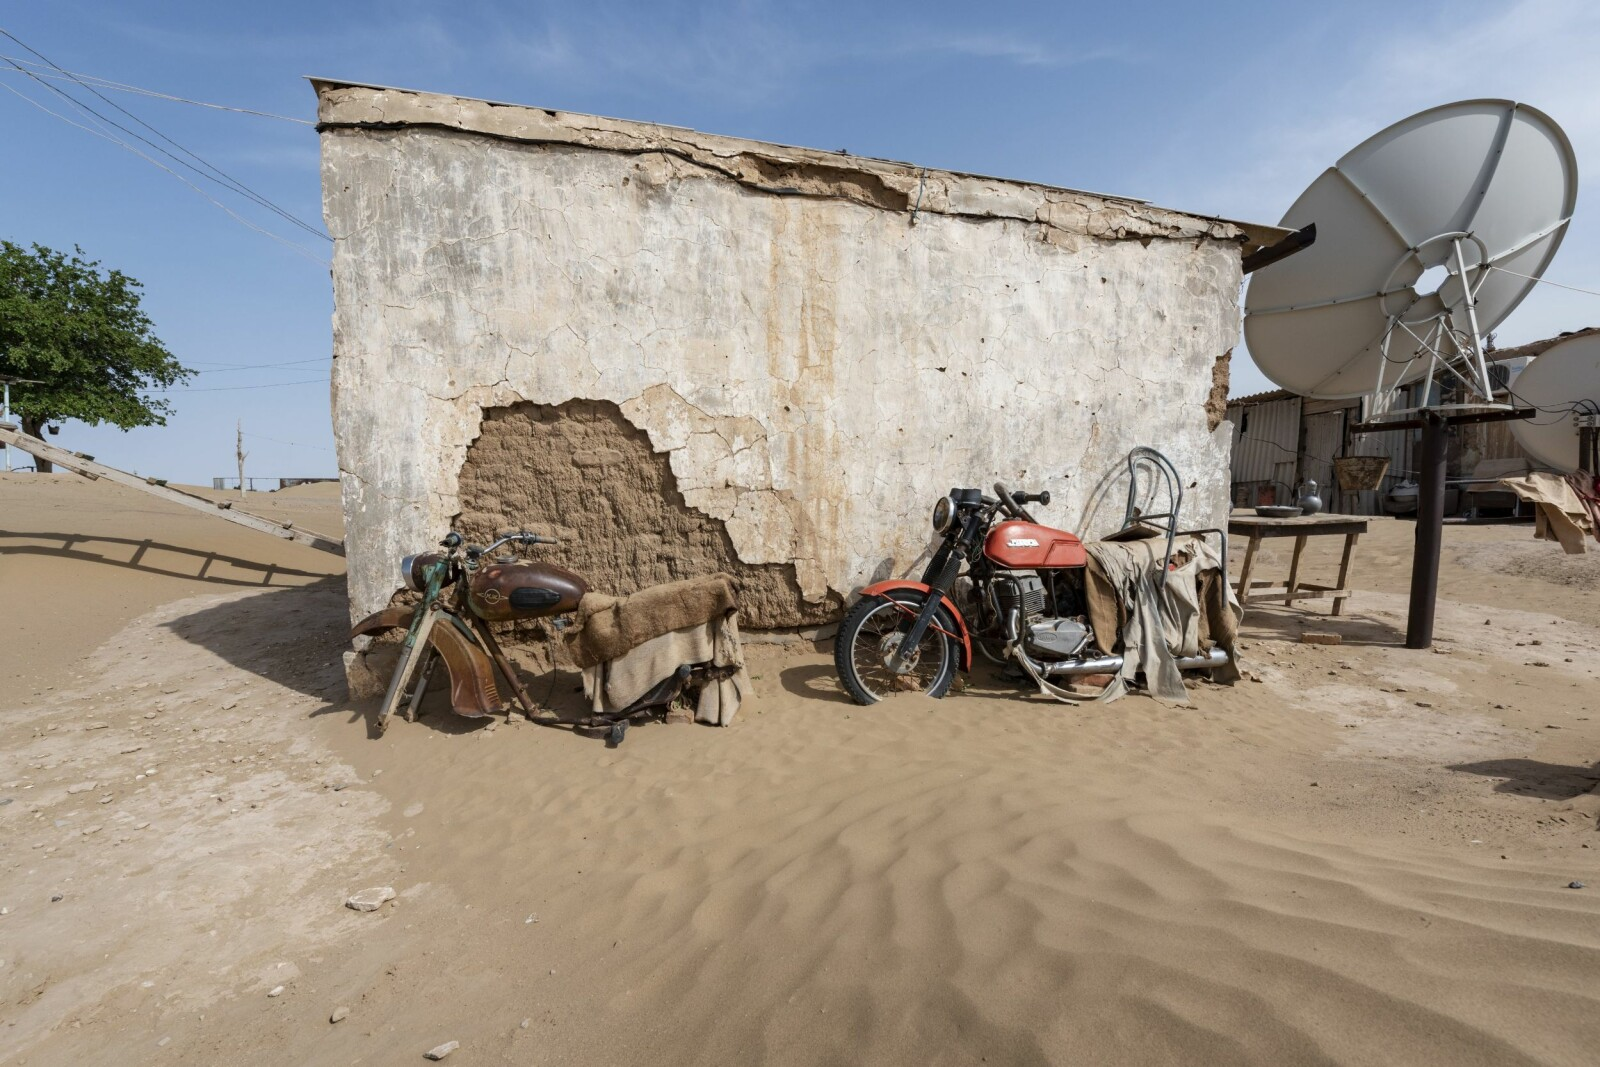 <b>BOKURDAK:</b> Landsbyen Bokurdak ligger ved starten på Karakum-ørkenen. De begynner å gå tomme for reservedeler til motorsykkelen.